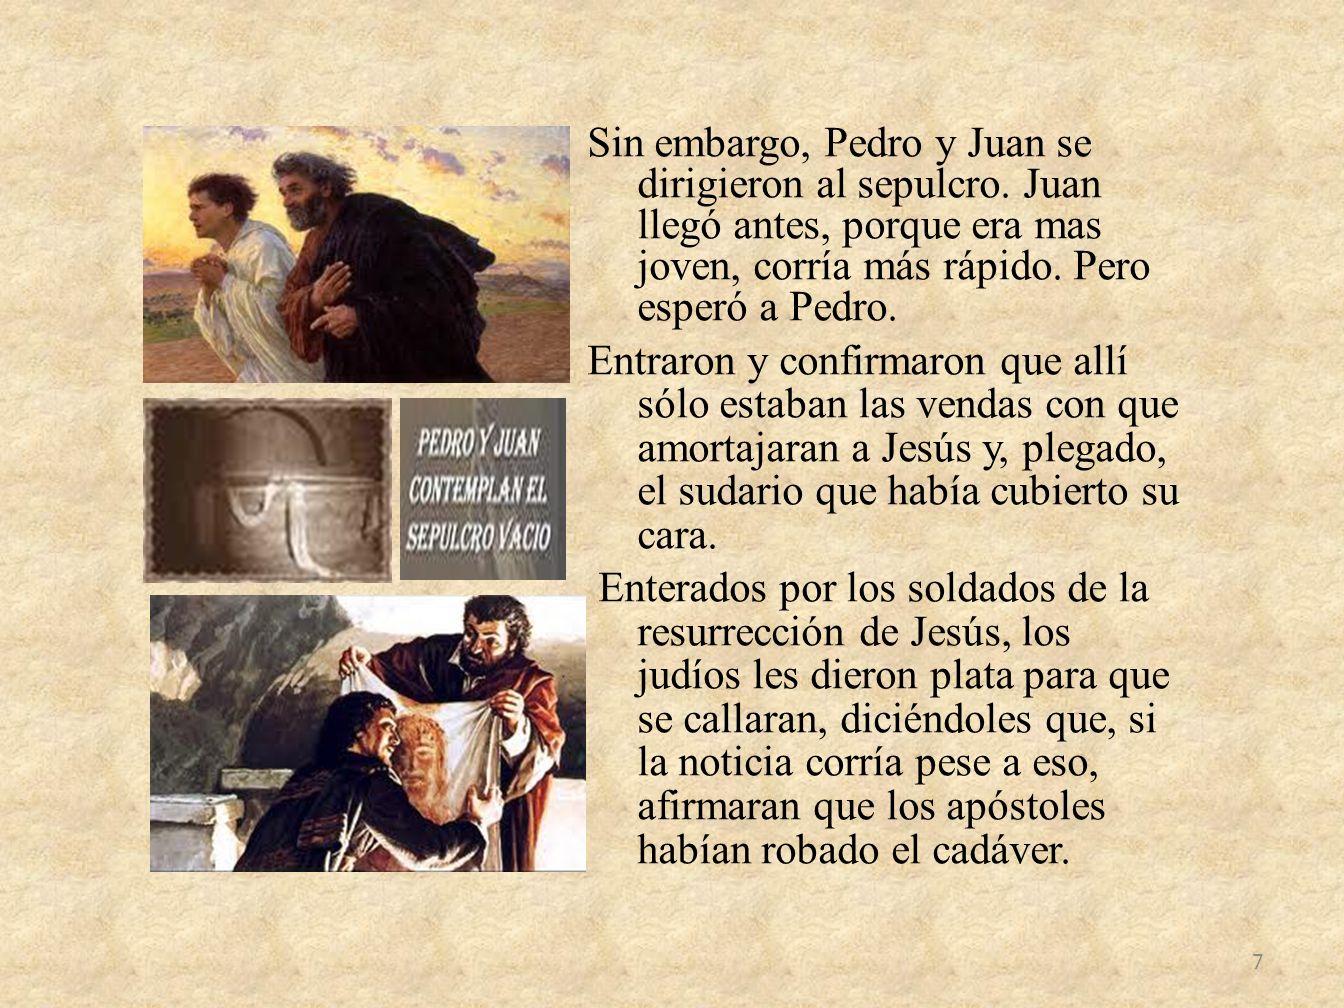 Sin embargo, Pedro y Juan se dirigieron al sepulcro